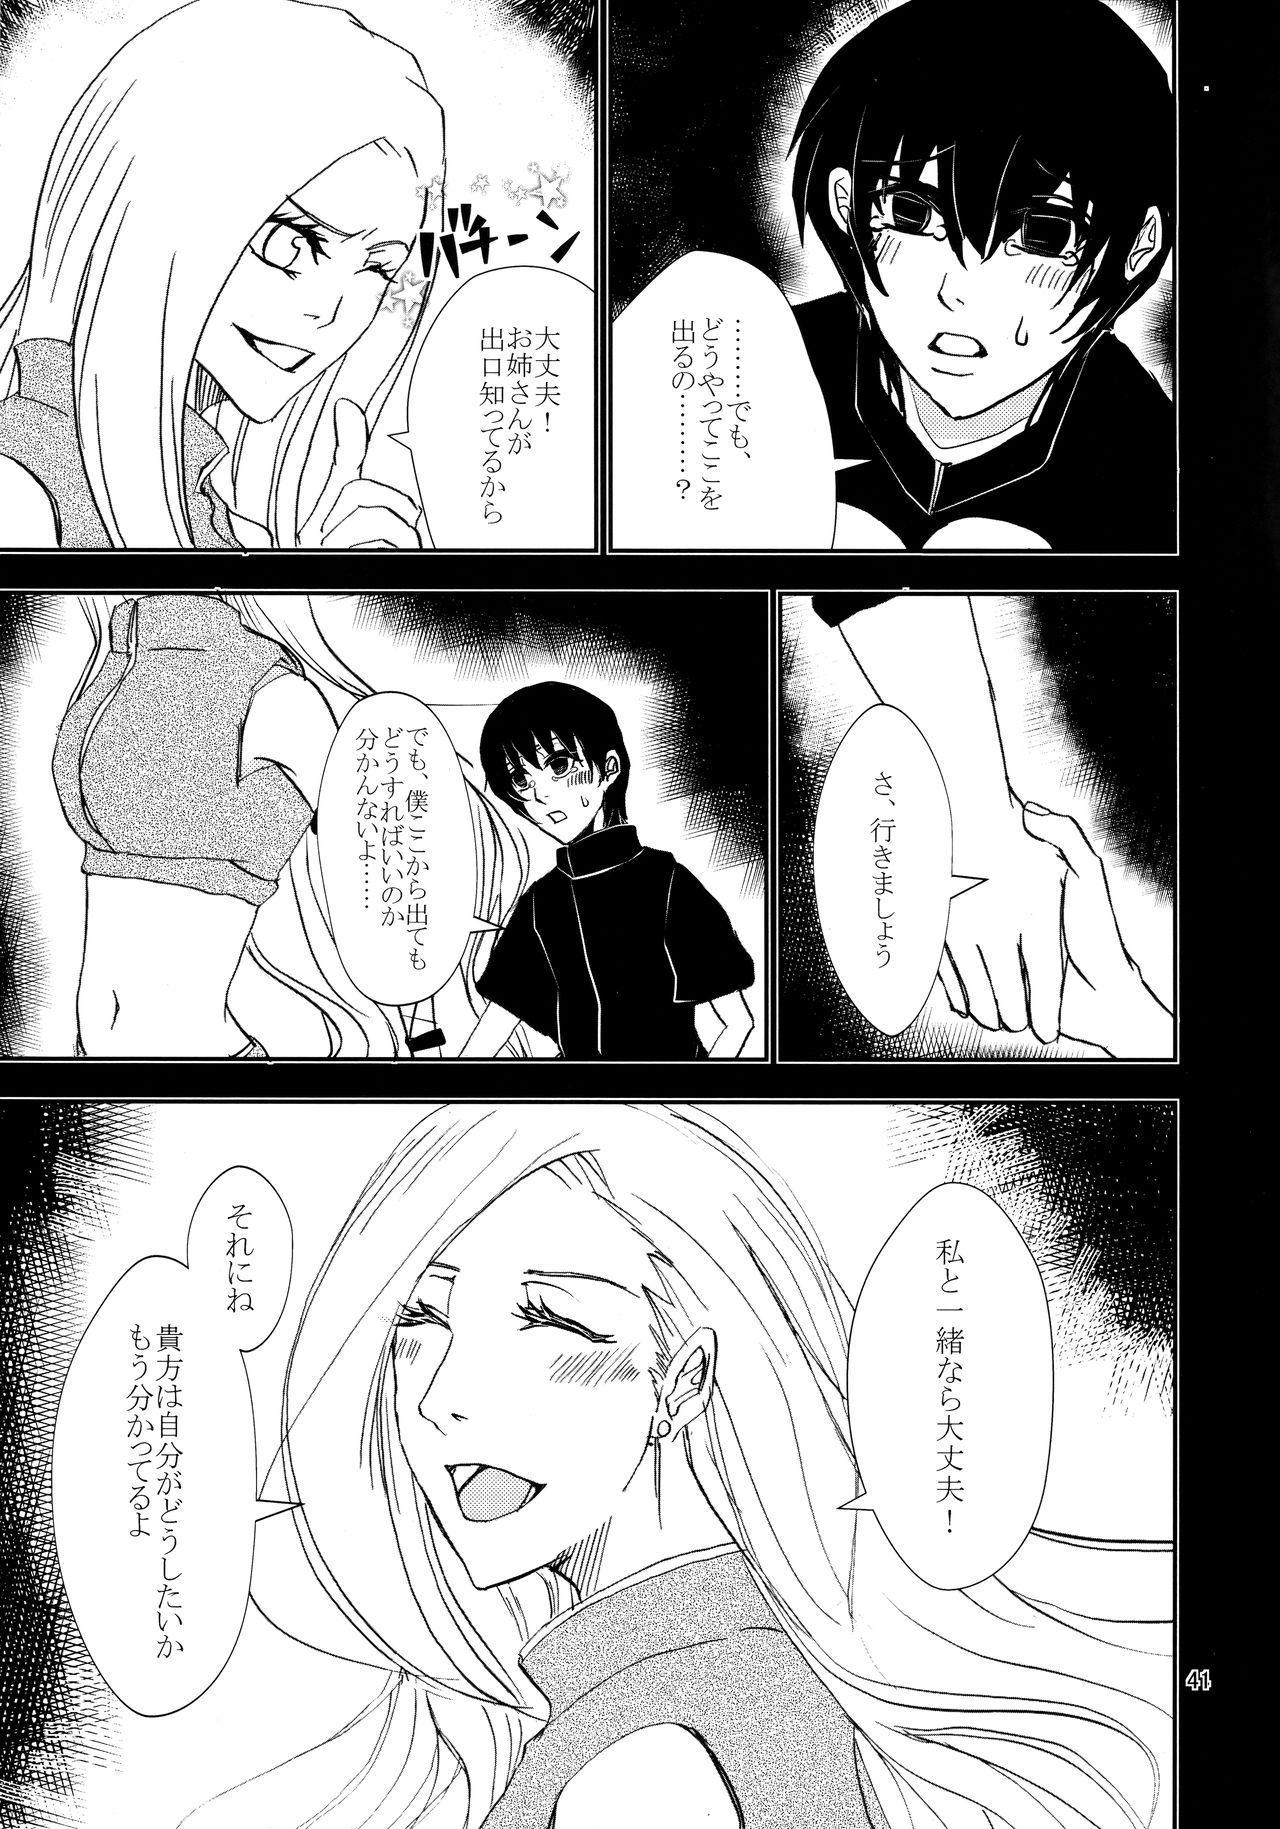 Kawaii Hito 39